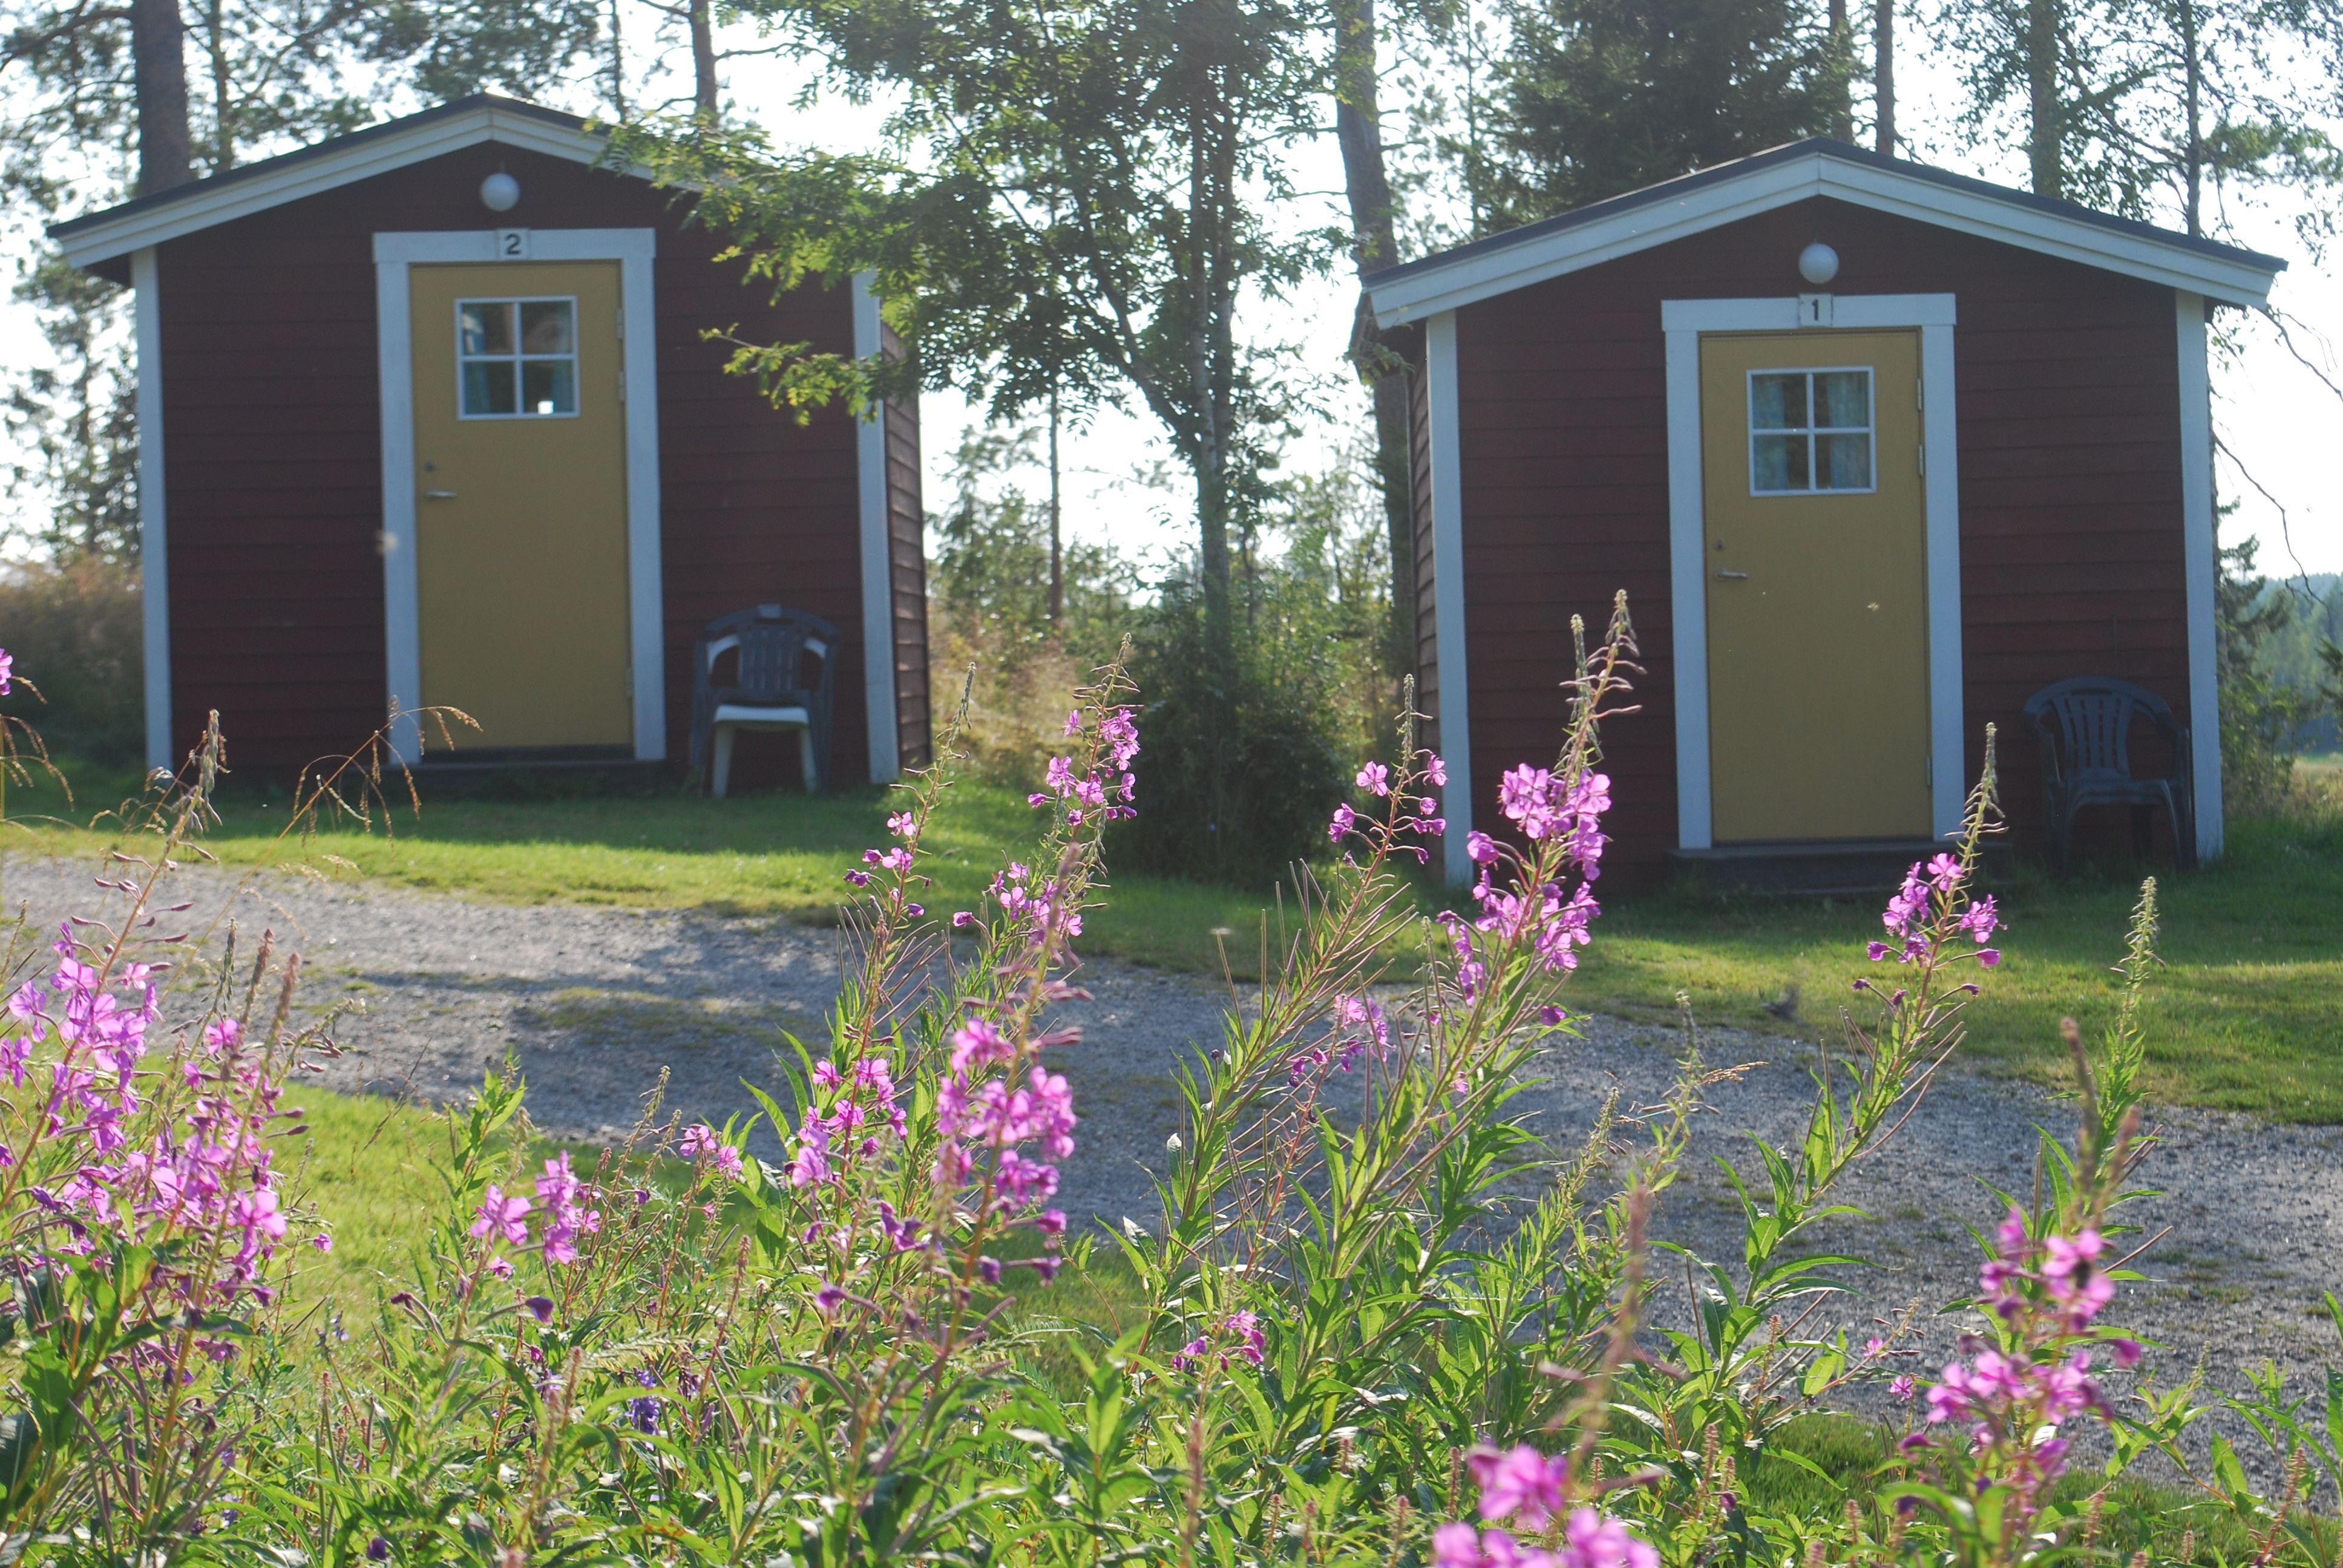 Campingstuga (2 bäddar, 8 m², ej WC/dusch)